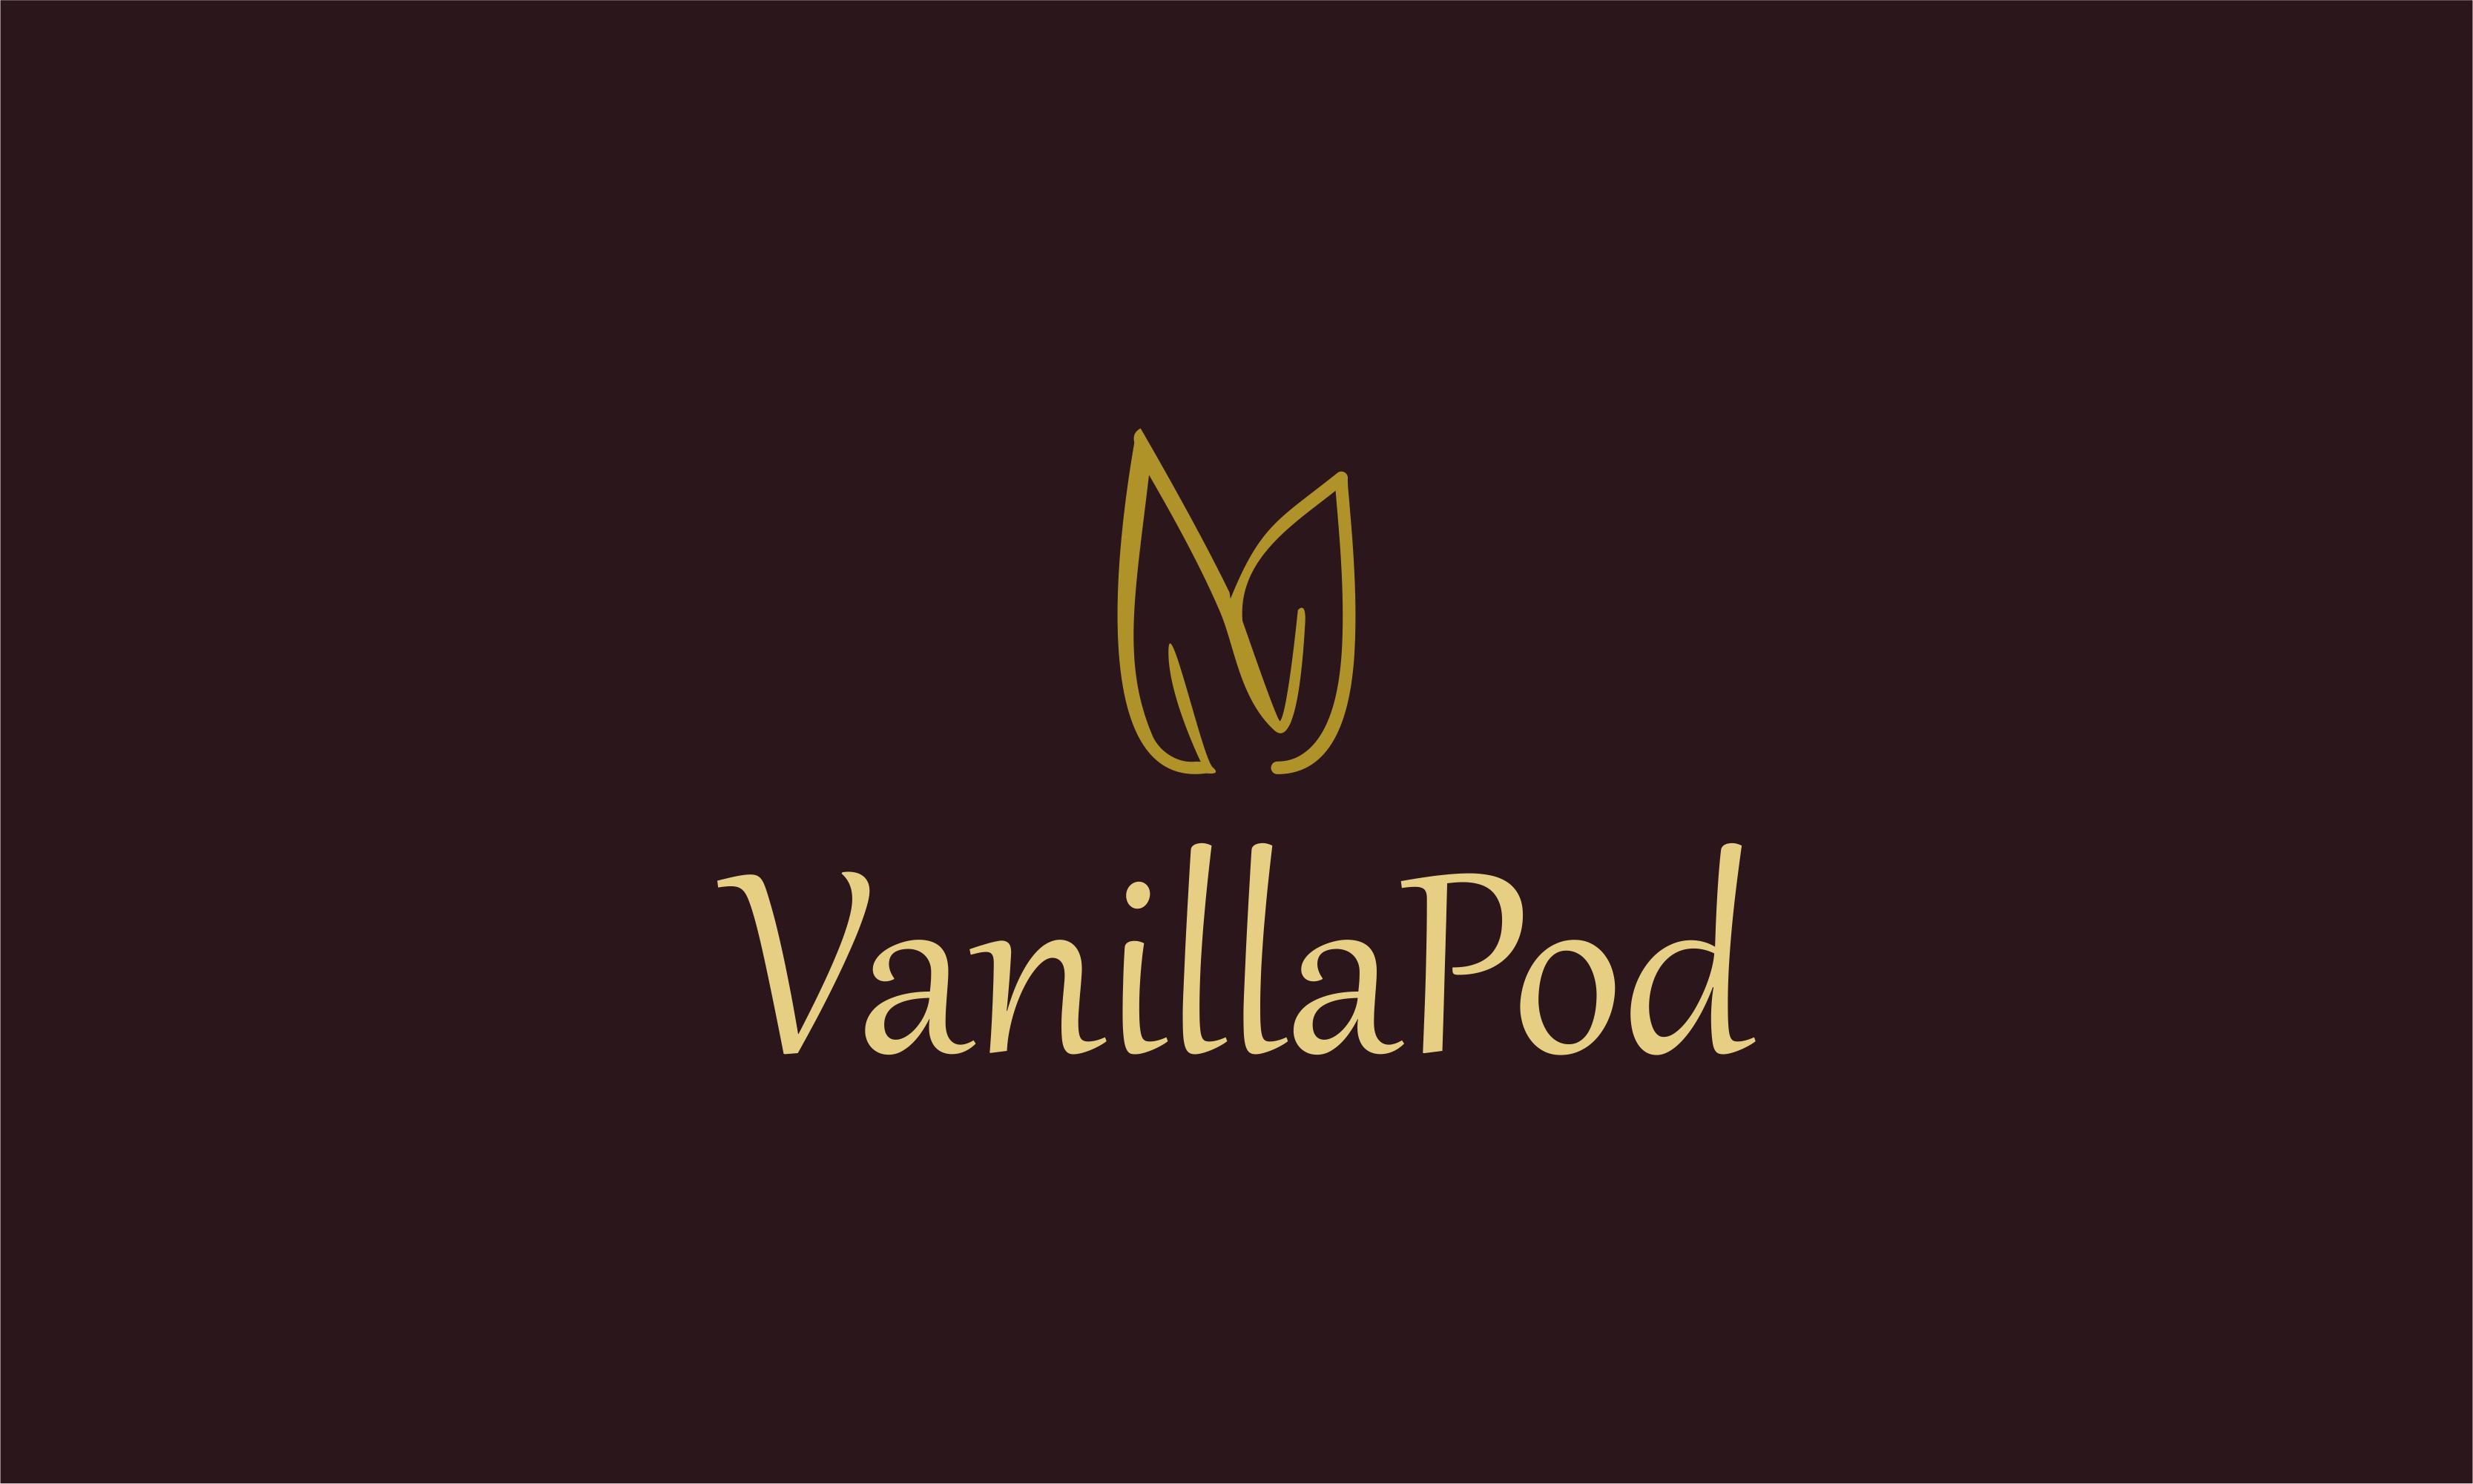 Vanillapod